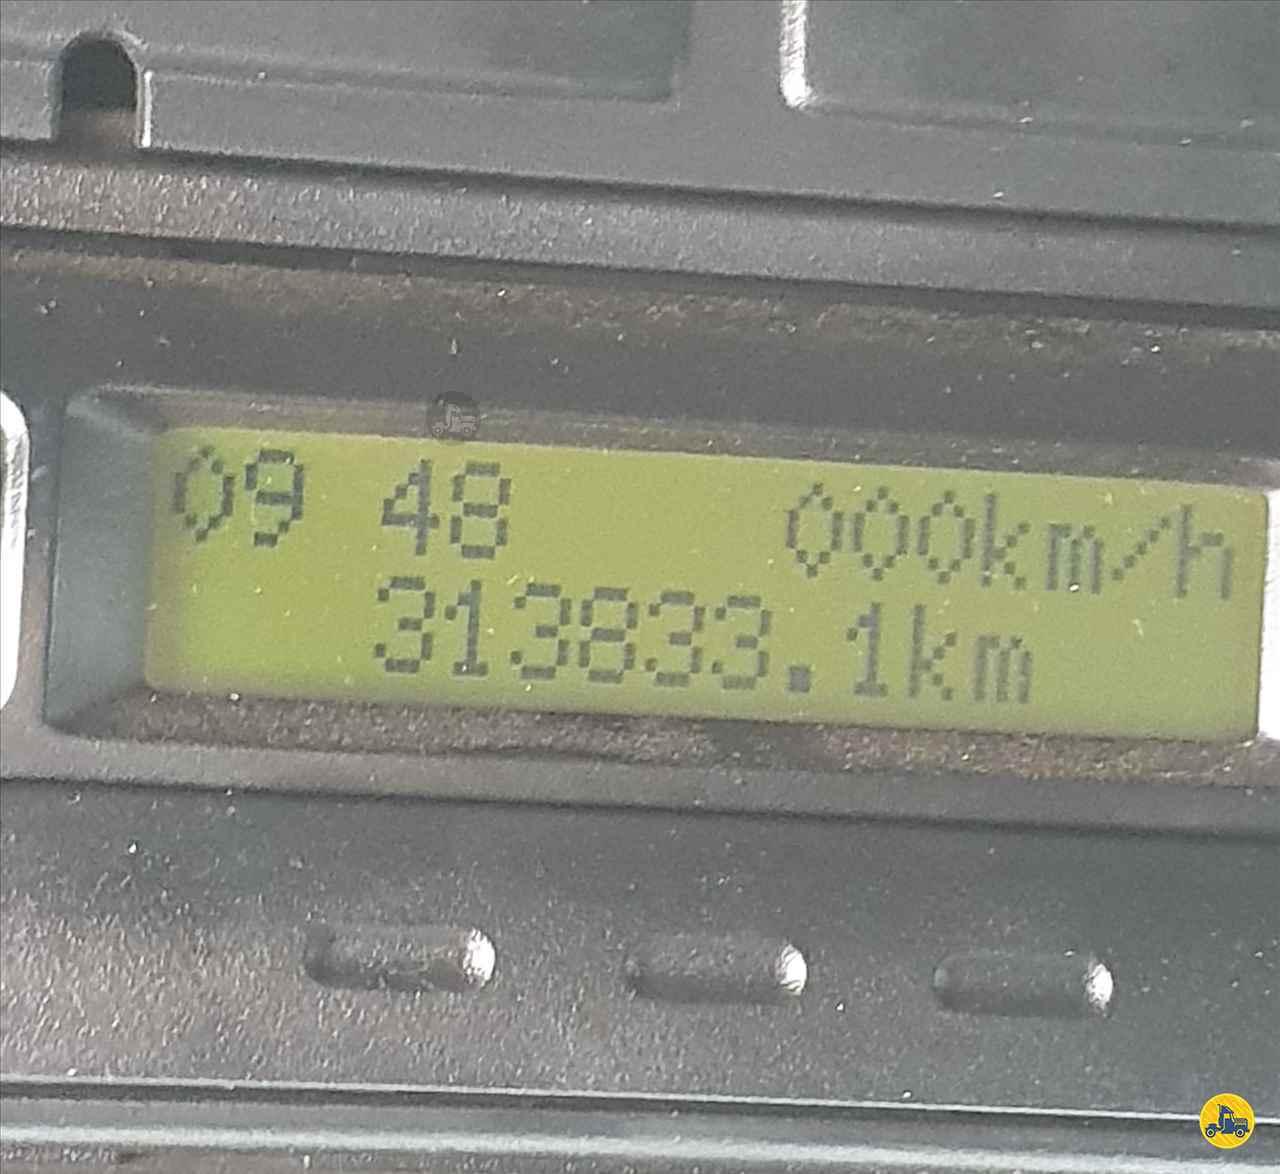 SCANIA SCANIA 440 313833km 2018/2018 4K Caminhões - Itajaí